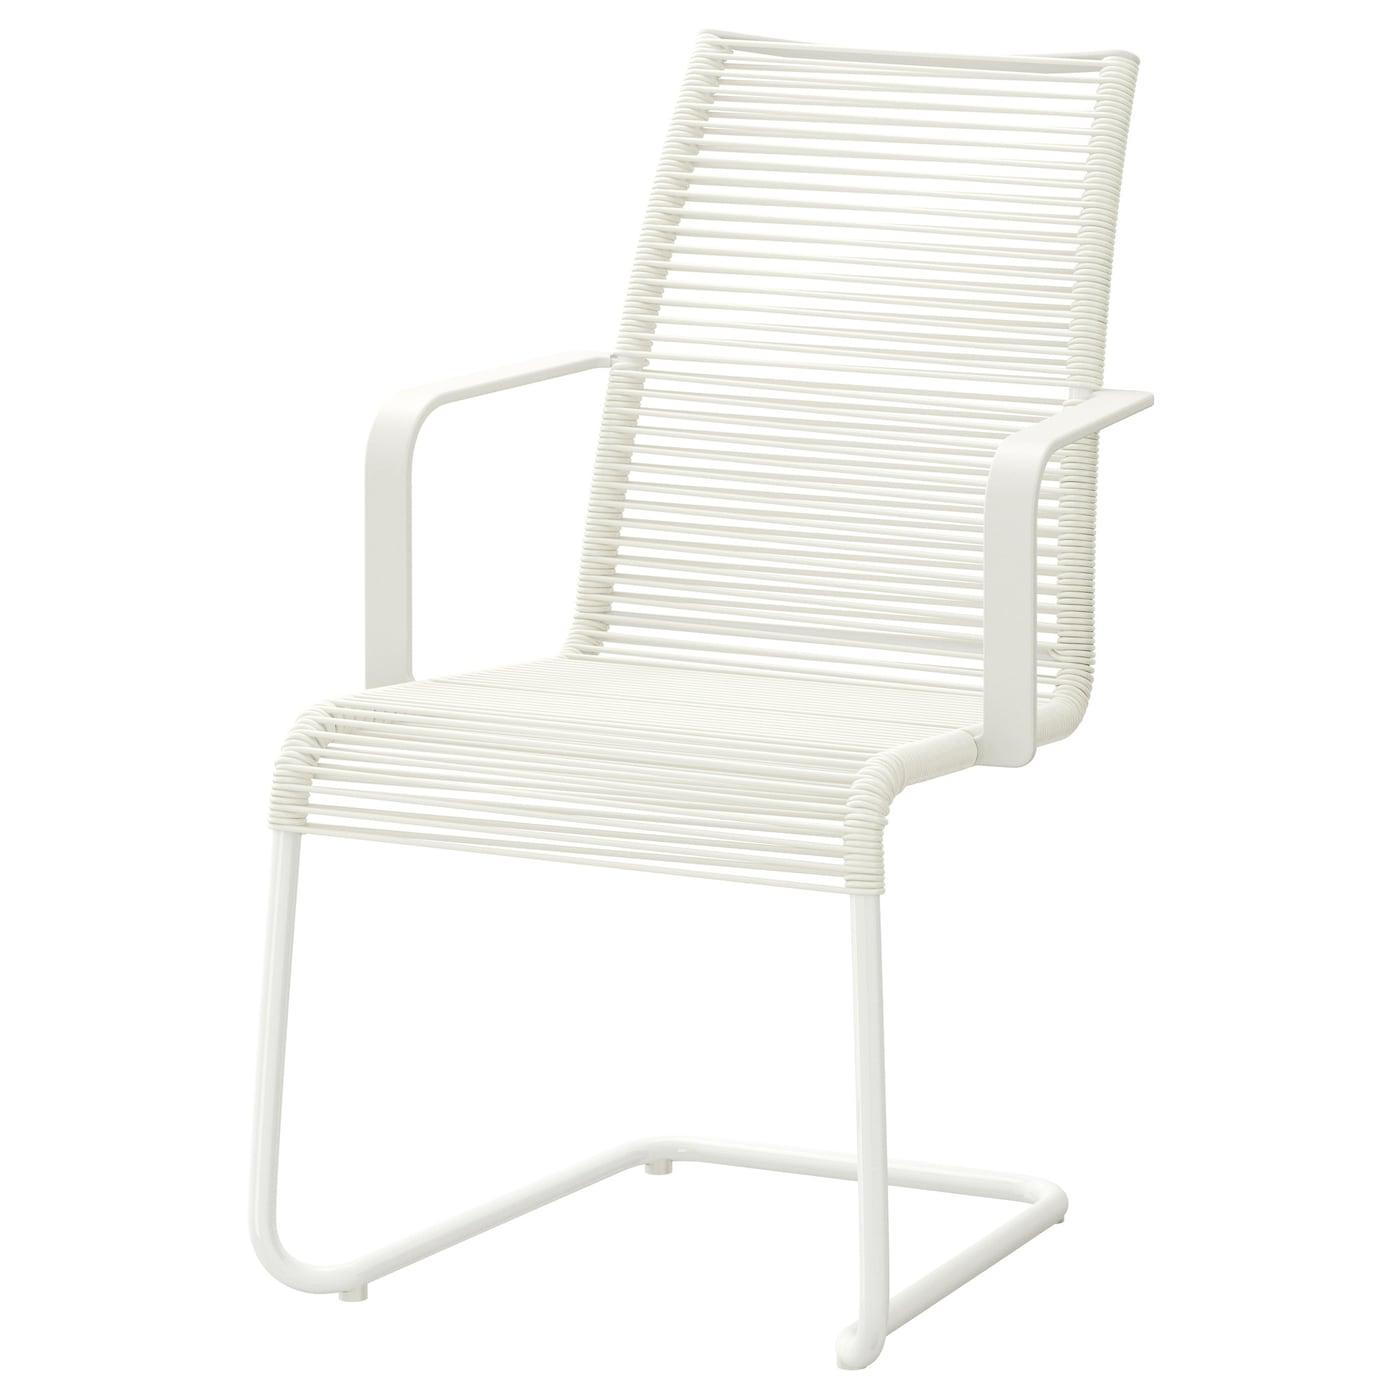 VÄSMAN Karmstol, utomhus, svart IKEA i 2020   Stol utomhus